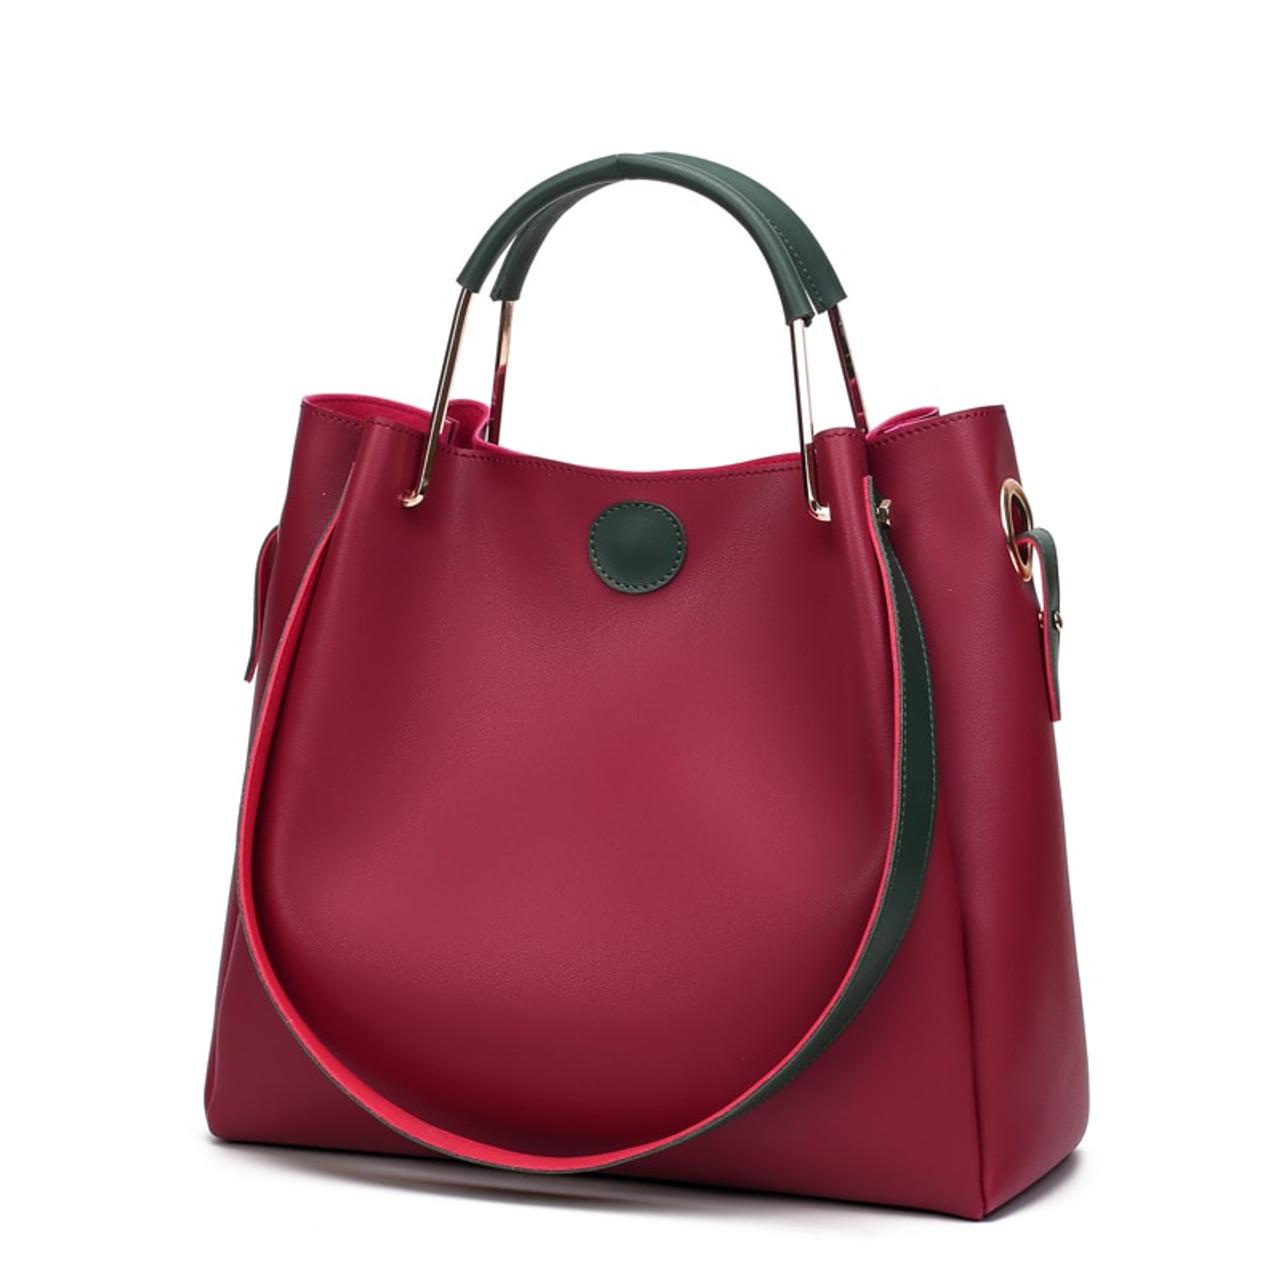 c797704bf9 ... Fashion High Quality Women Handbags Fashion Women Shoulder Bag Female  Messenger Bag Large Crossbody Tote Bags ...